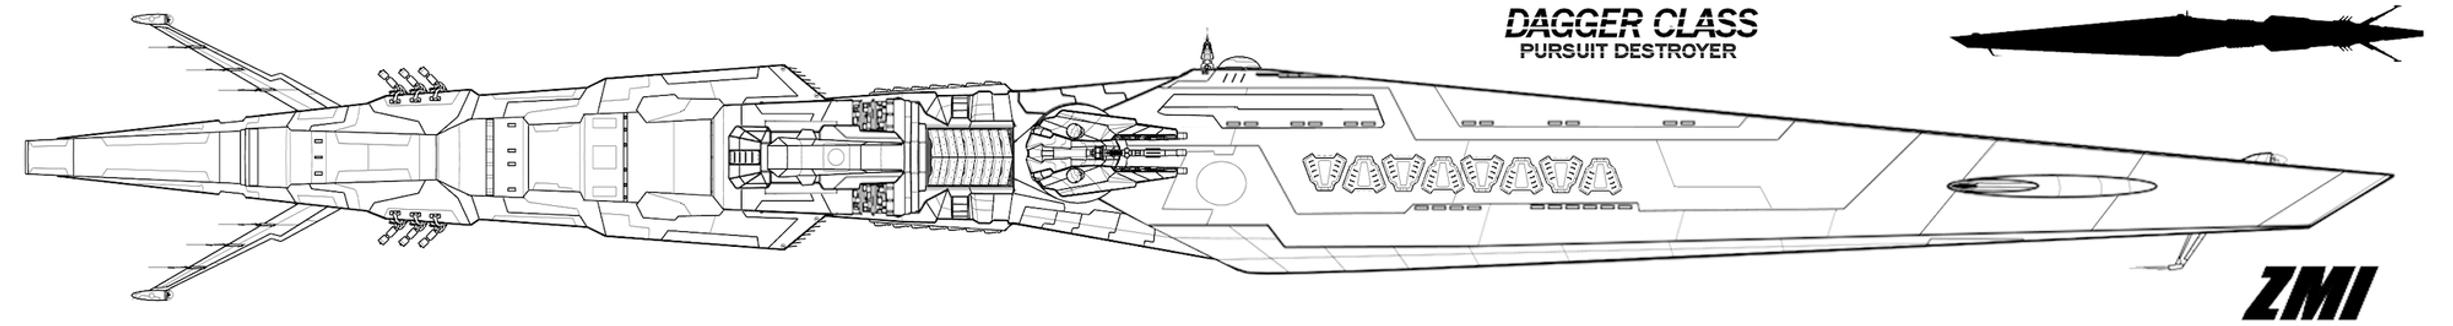 Dagger Pursuit variant Destroyer by Evilonavich